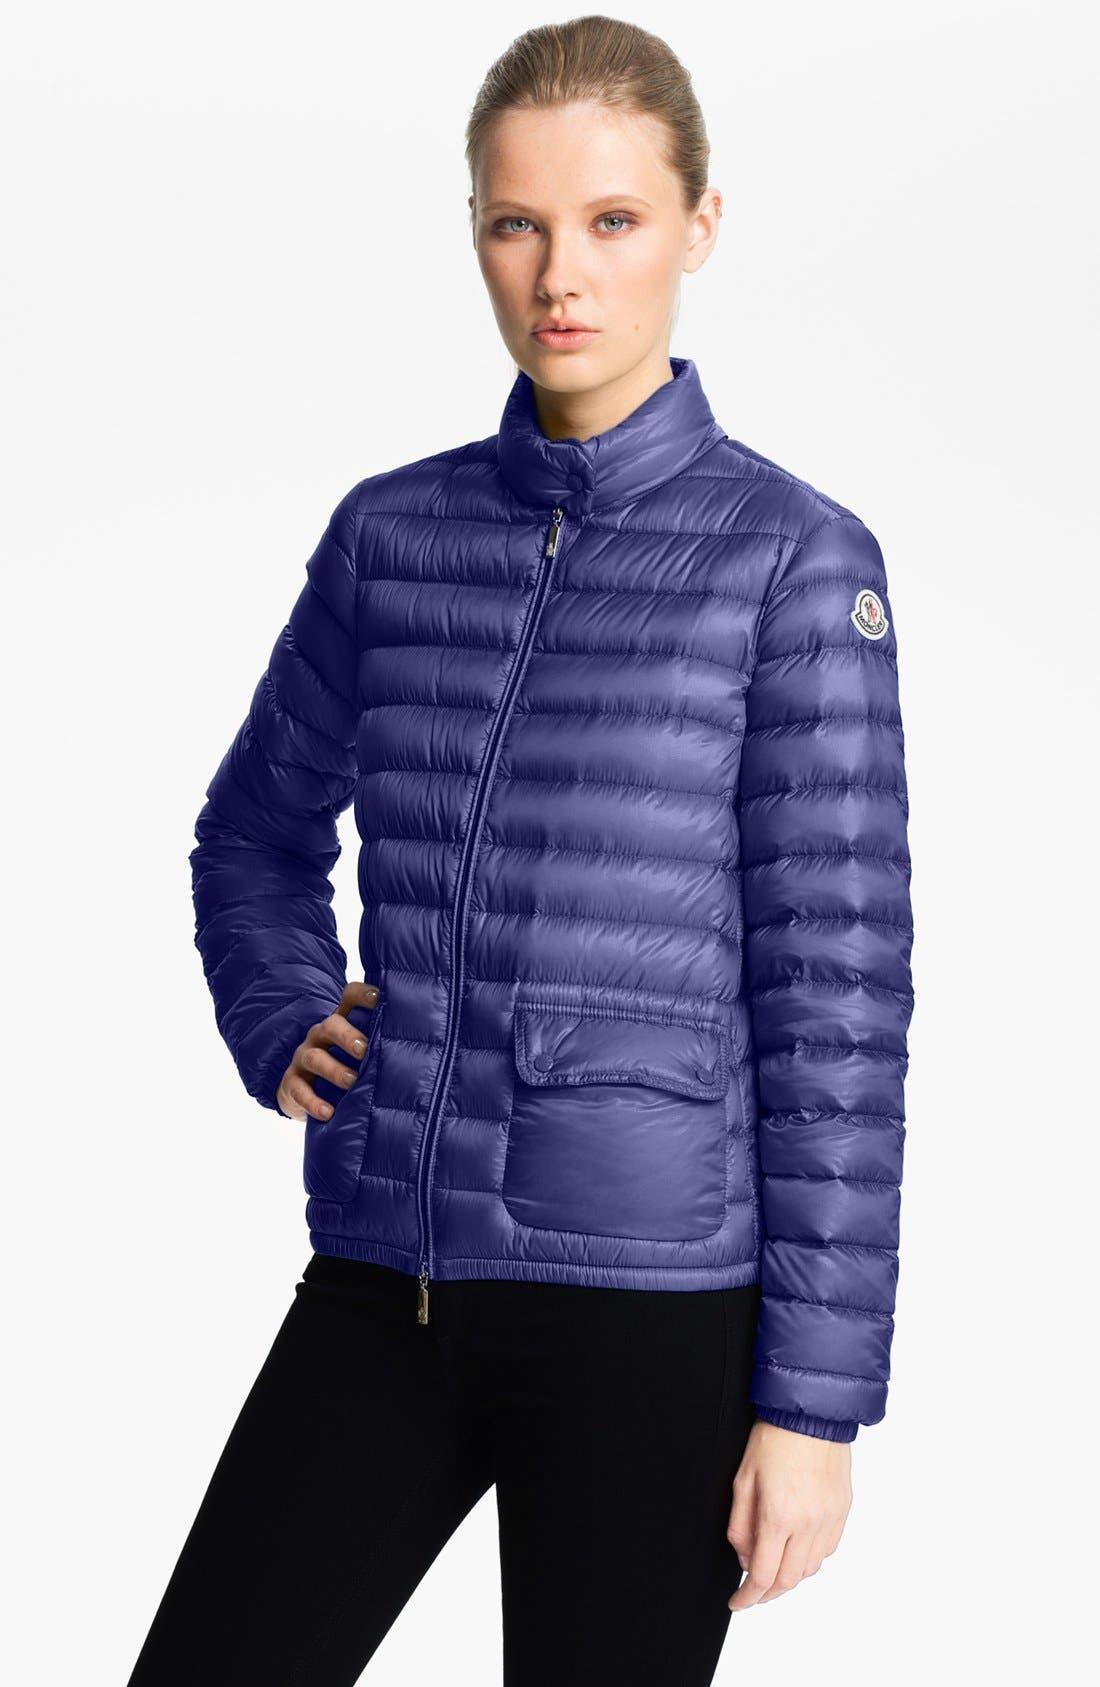 Main Image - Moncler 'Lans' Lightweight Down Jacket